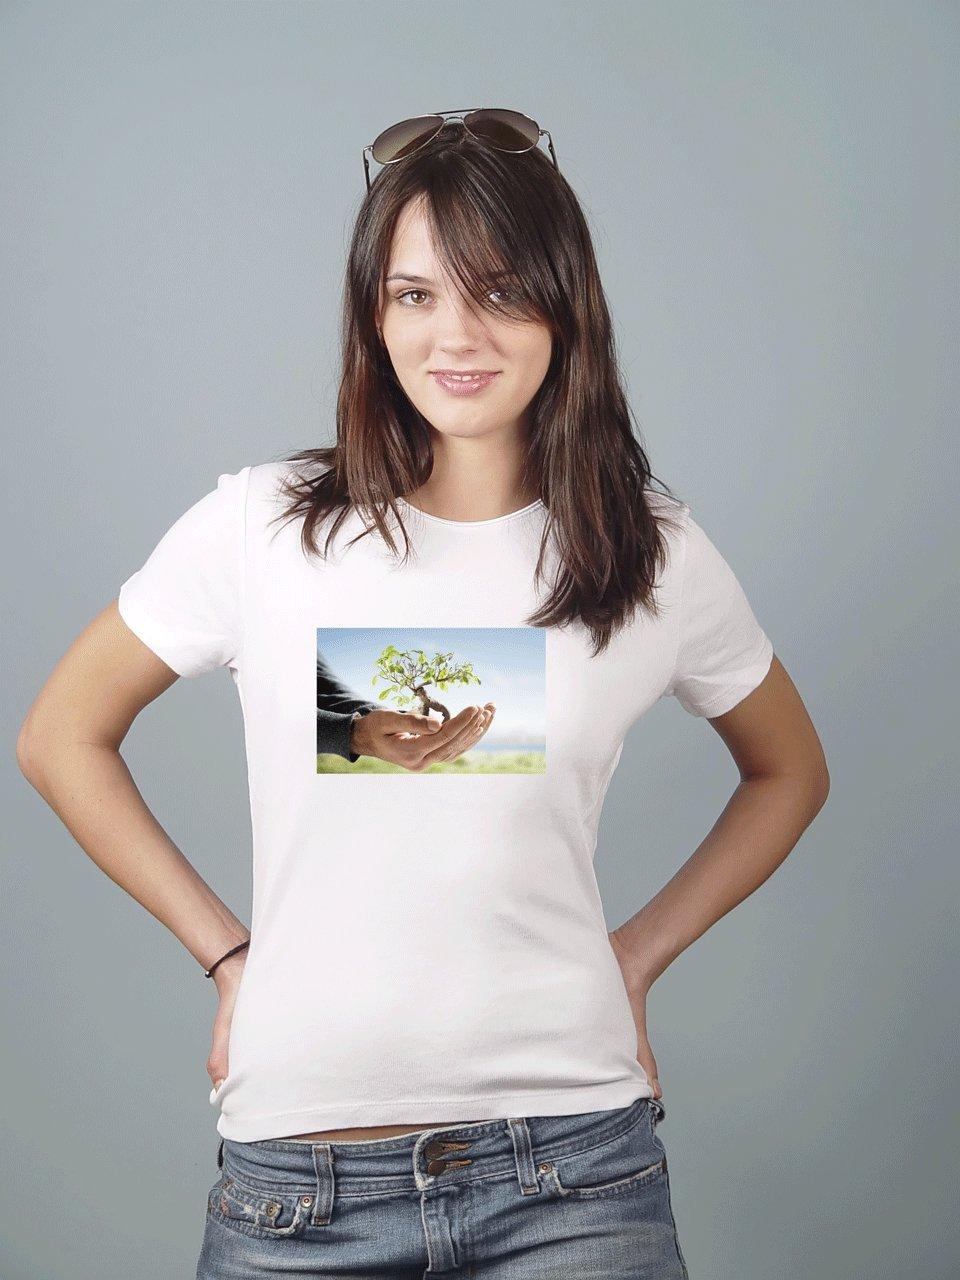 Fogli per trasferimento immagini su carta e T-shirt con calore Jet-Pro® Sofstretch, 100 pezzi, formato A3